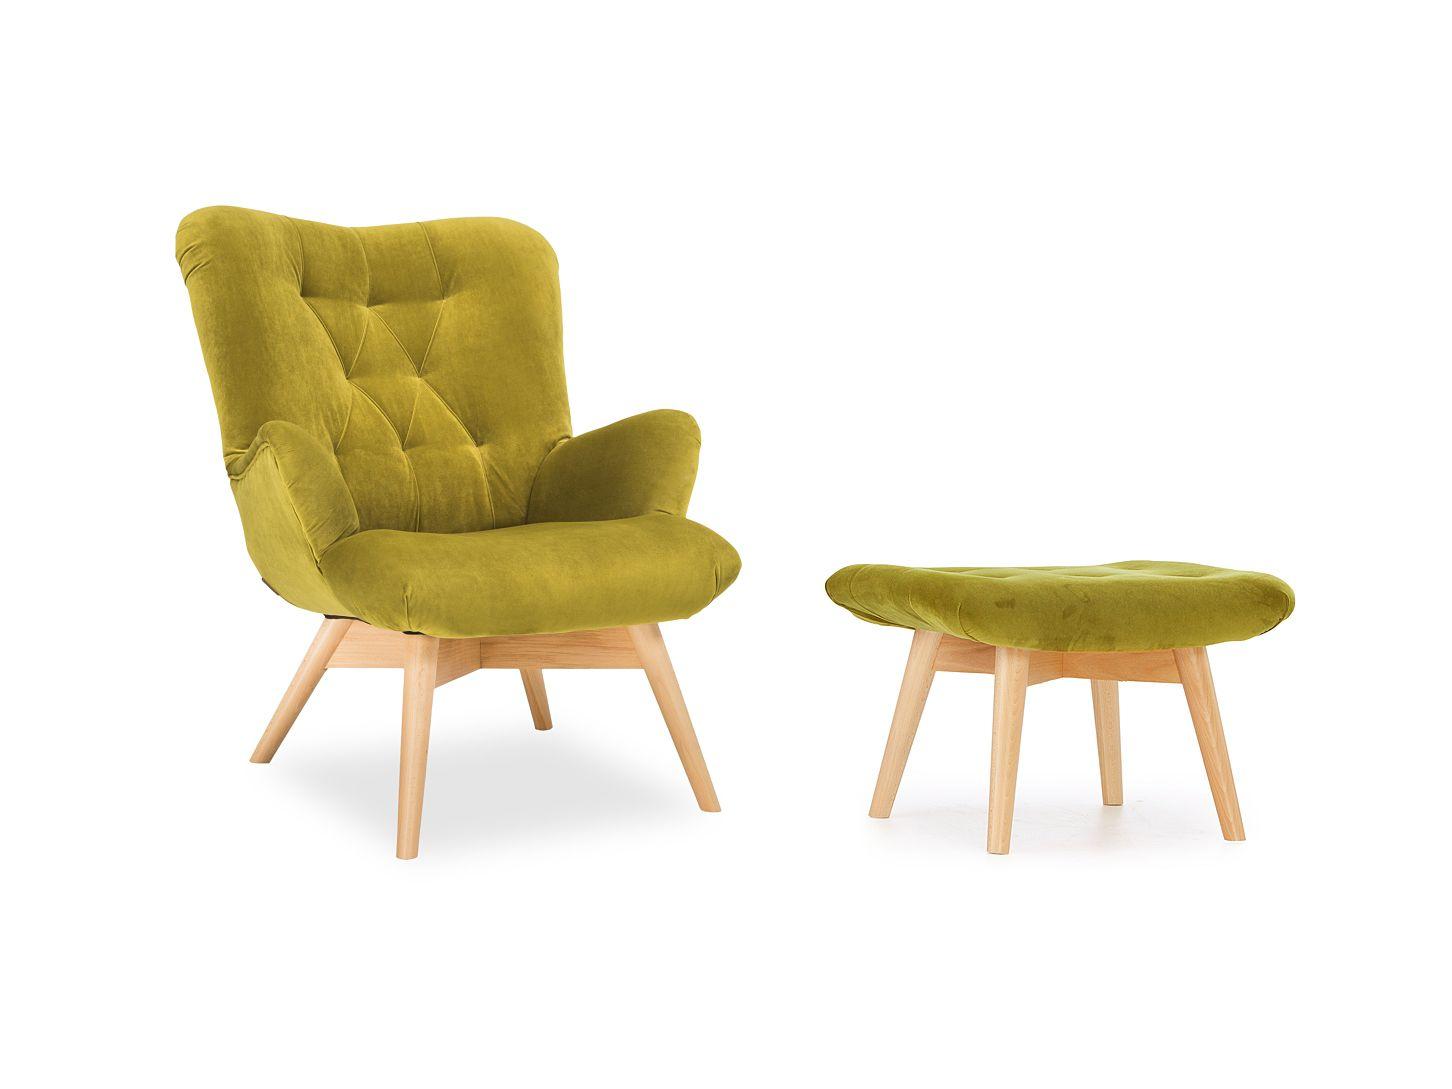 Sessel Hocker Glasgow Sessel Mit Hocker Sessel Design Sessel